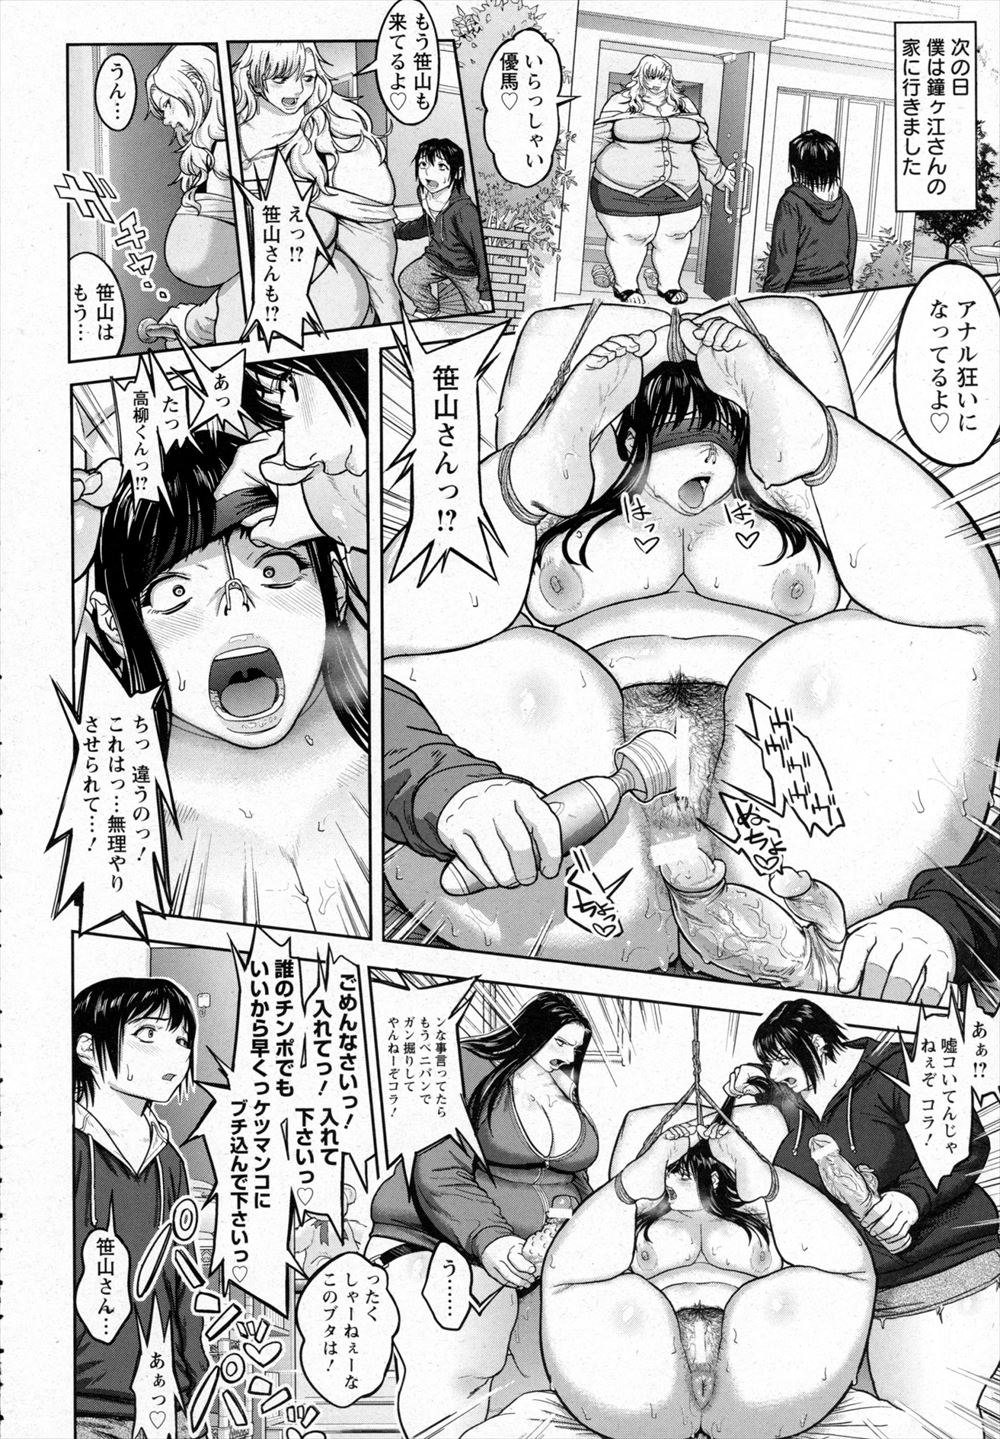 超おデブな女子校生達が男子を逆レイプでNTR青姦セックスしてるデブ専エロ漫画はこちらですwwwwwwwww 018